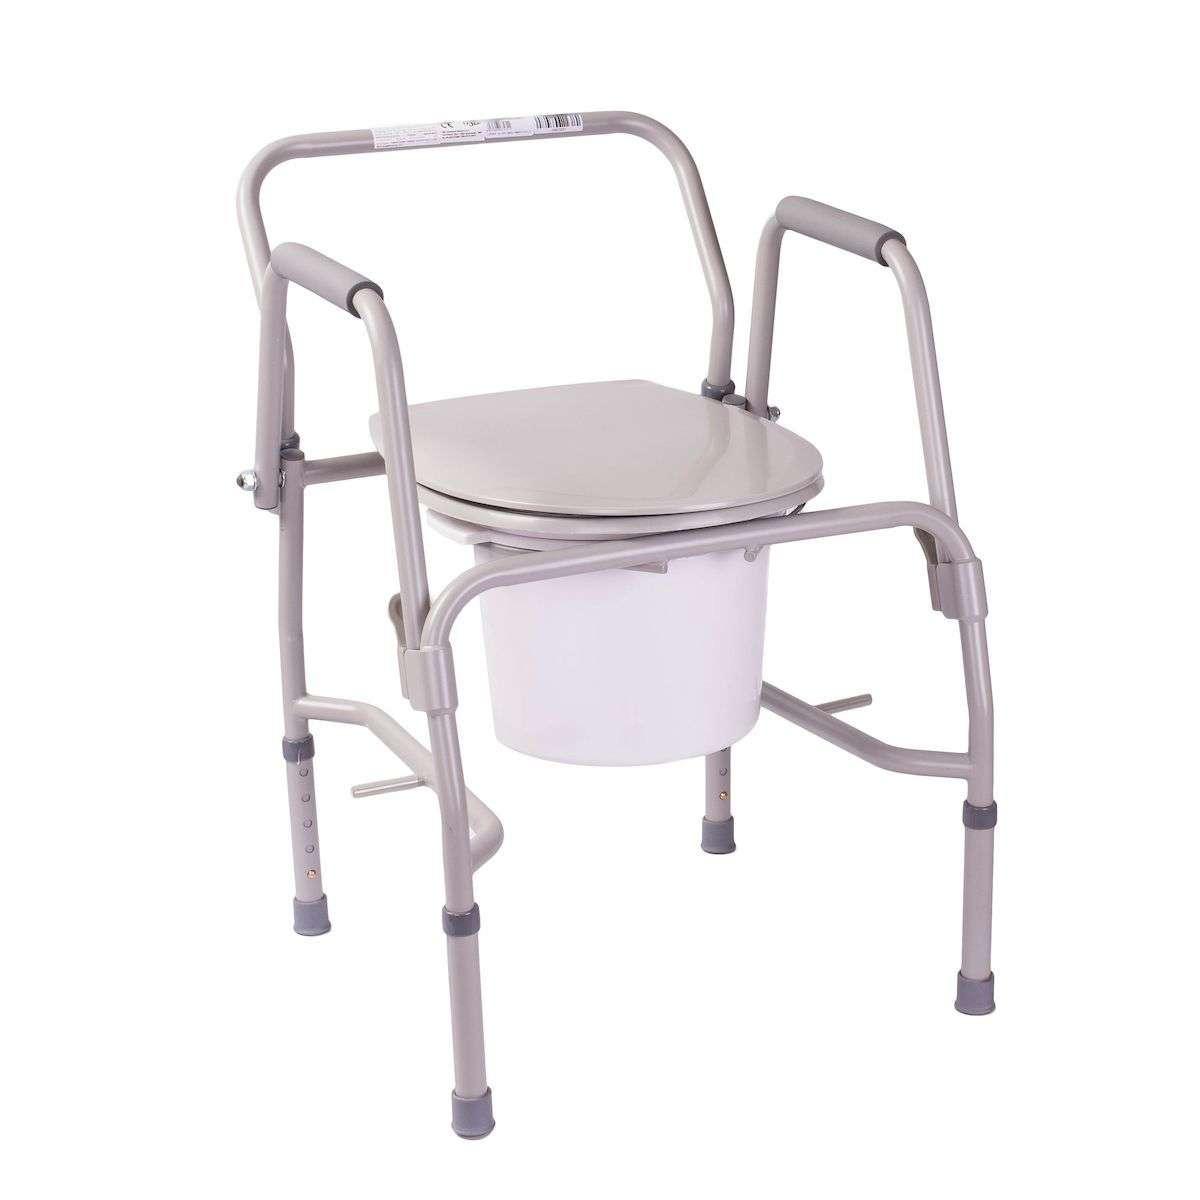 Усиленный стул-туалет с откидными подлокотниками, OSD-RPM-68680D